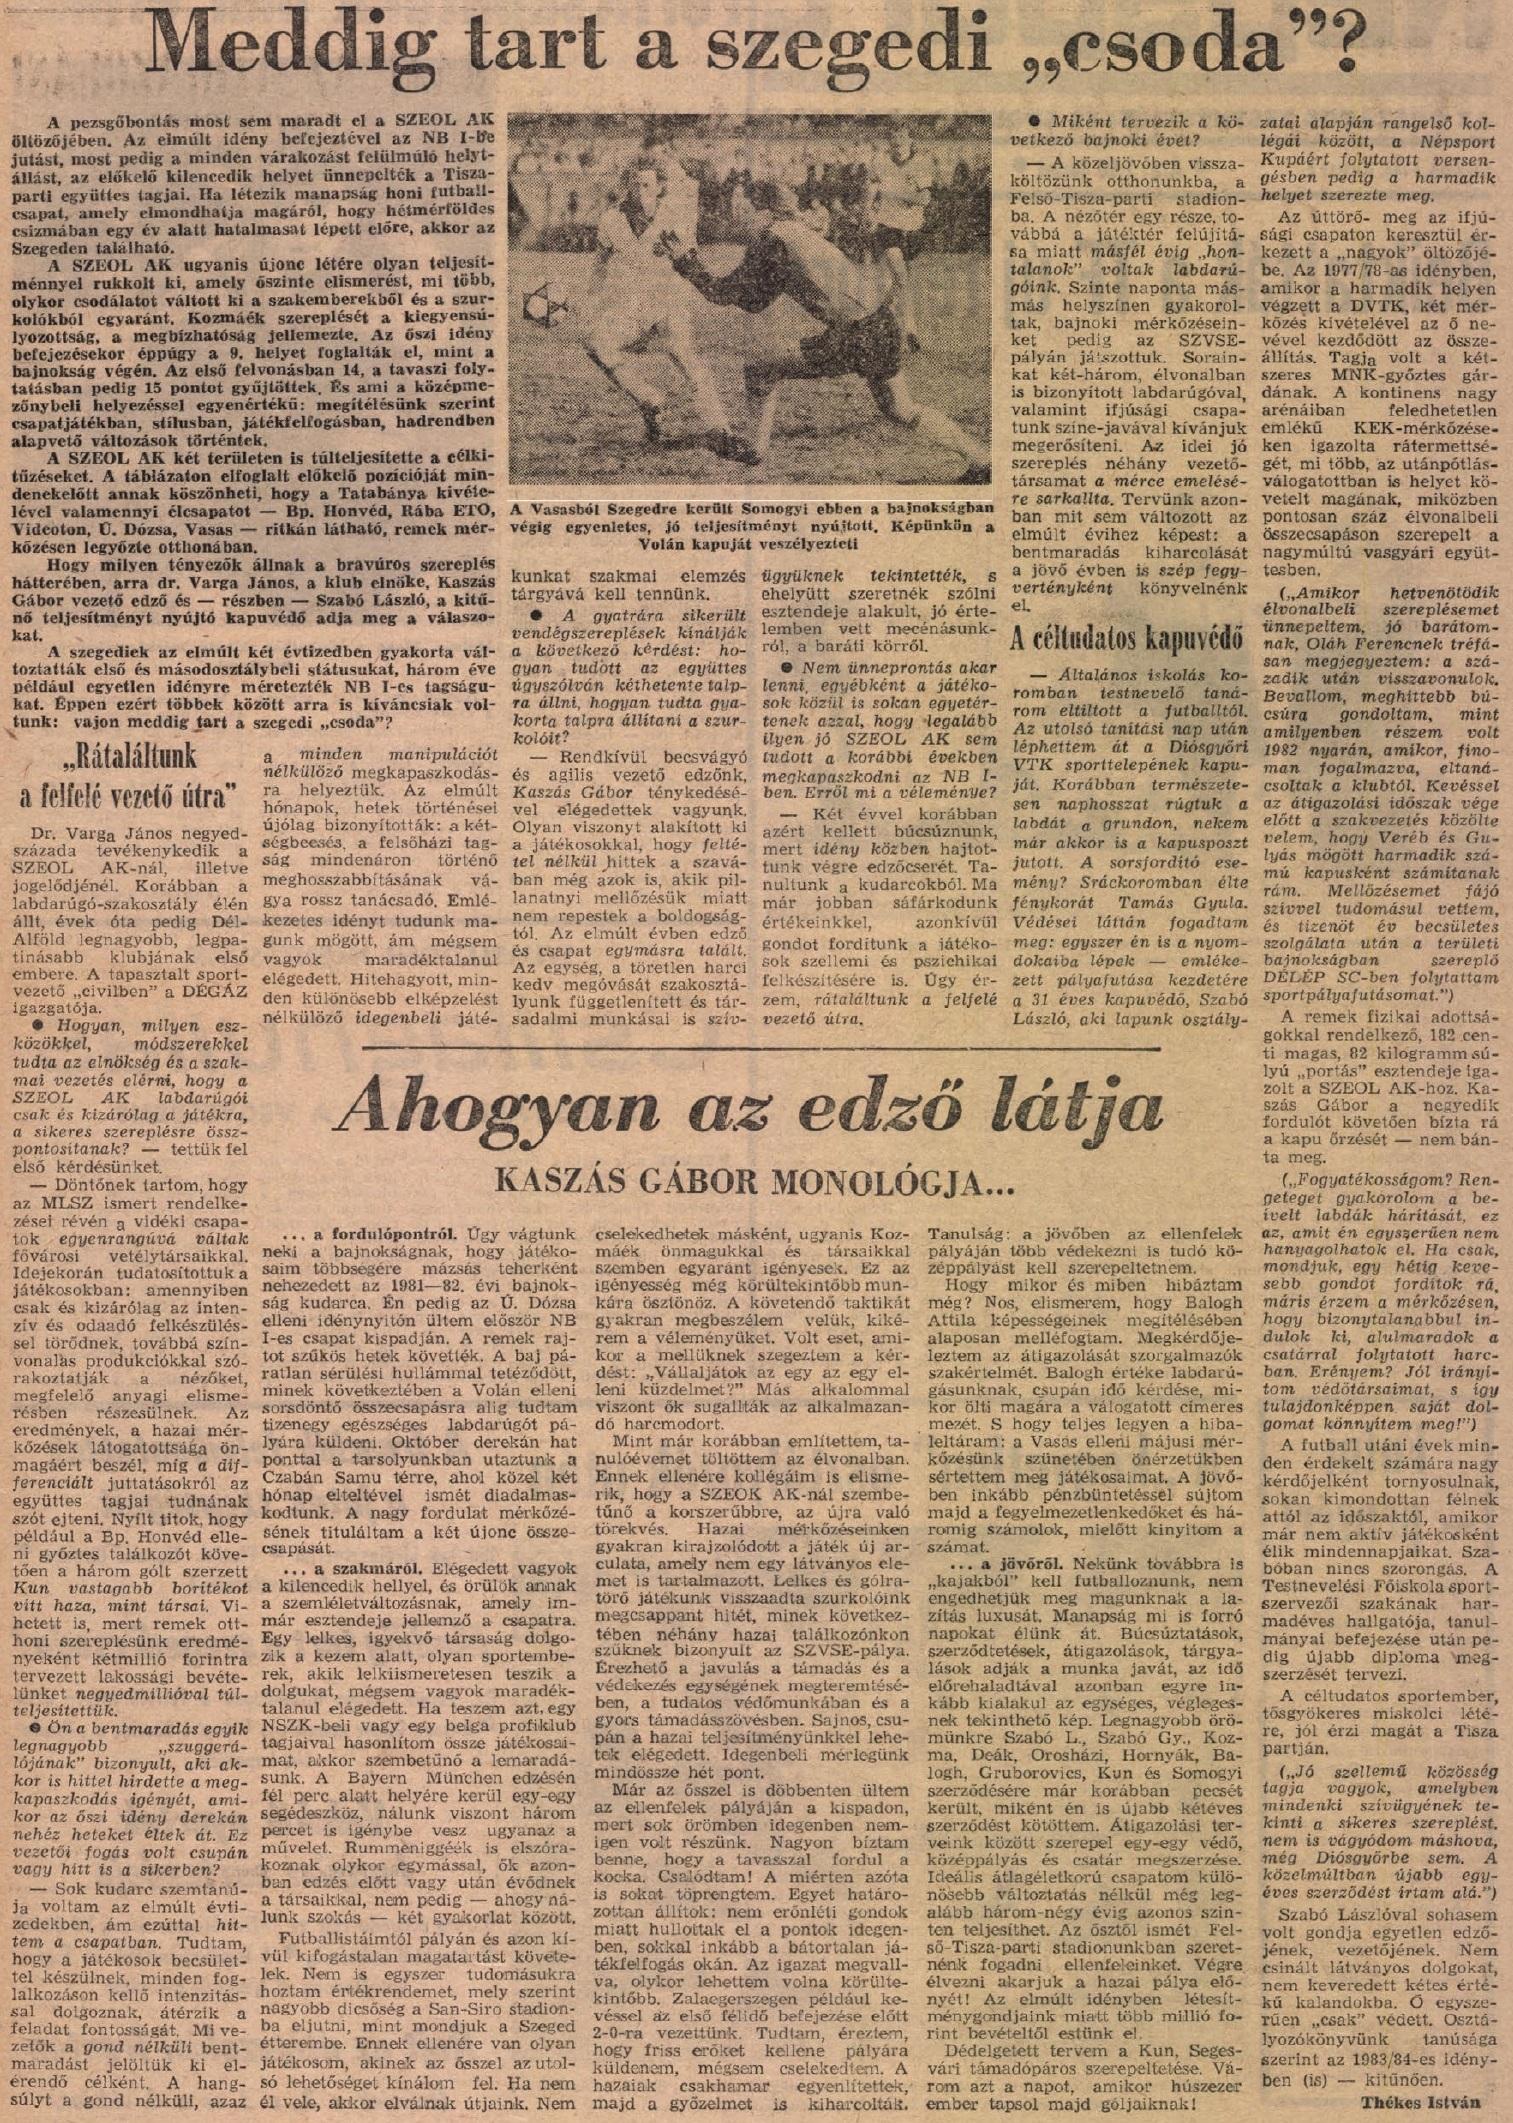 idokapszula_nb_i_1983_84_tavaszi_zaras_merlegen_az_alsohaz_9_szeol_ak.jpg